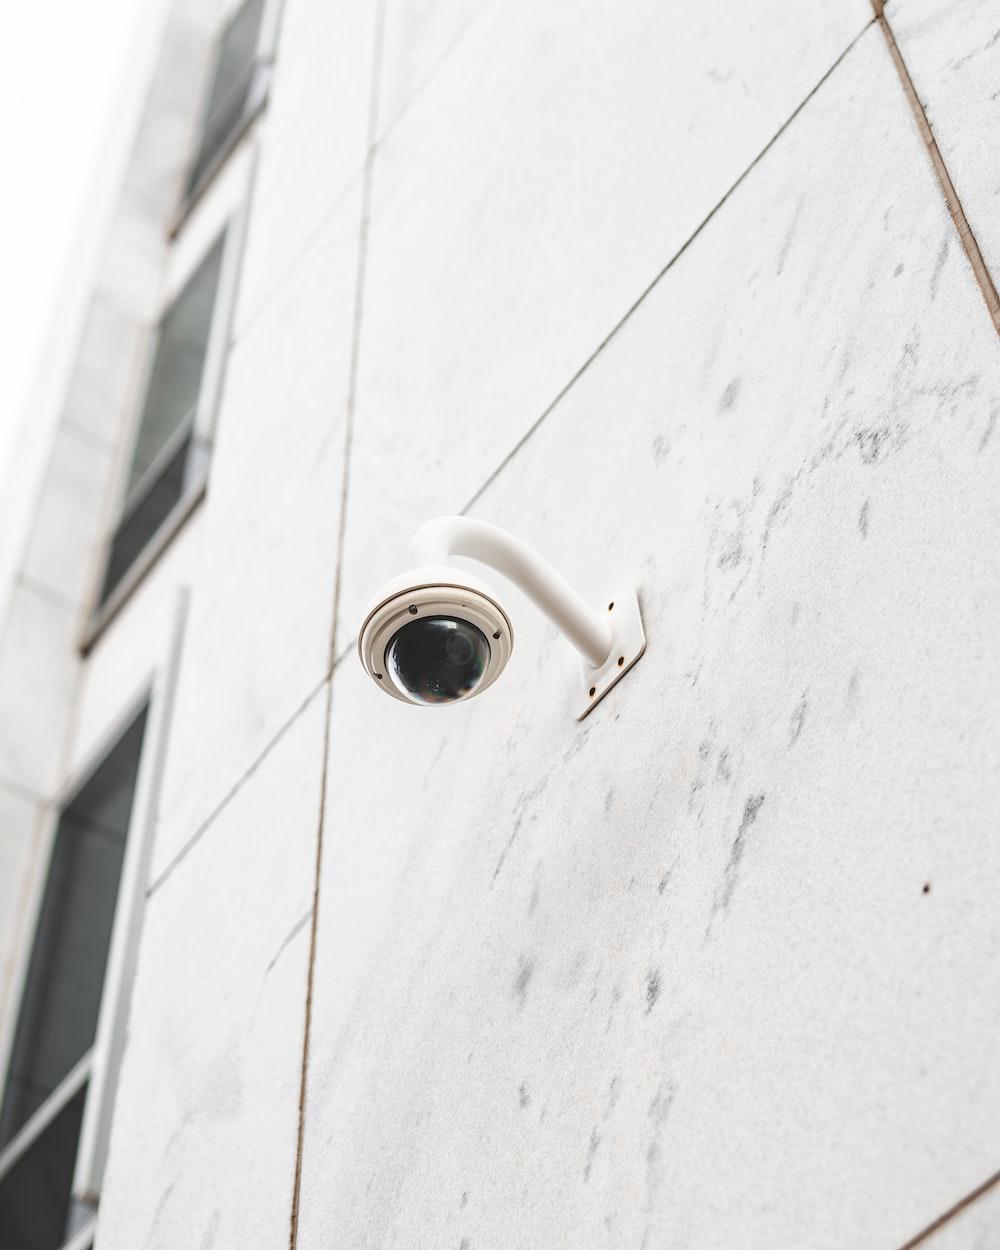 white round light bulb on white concrete wall